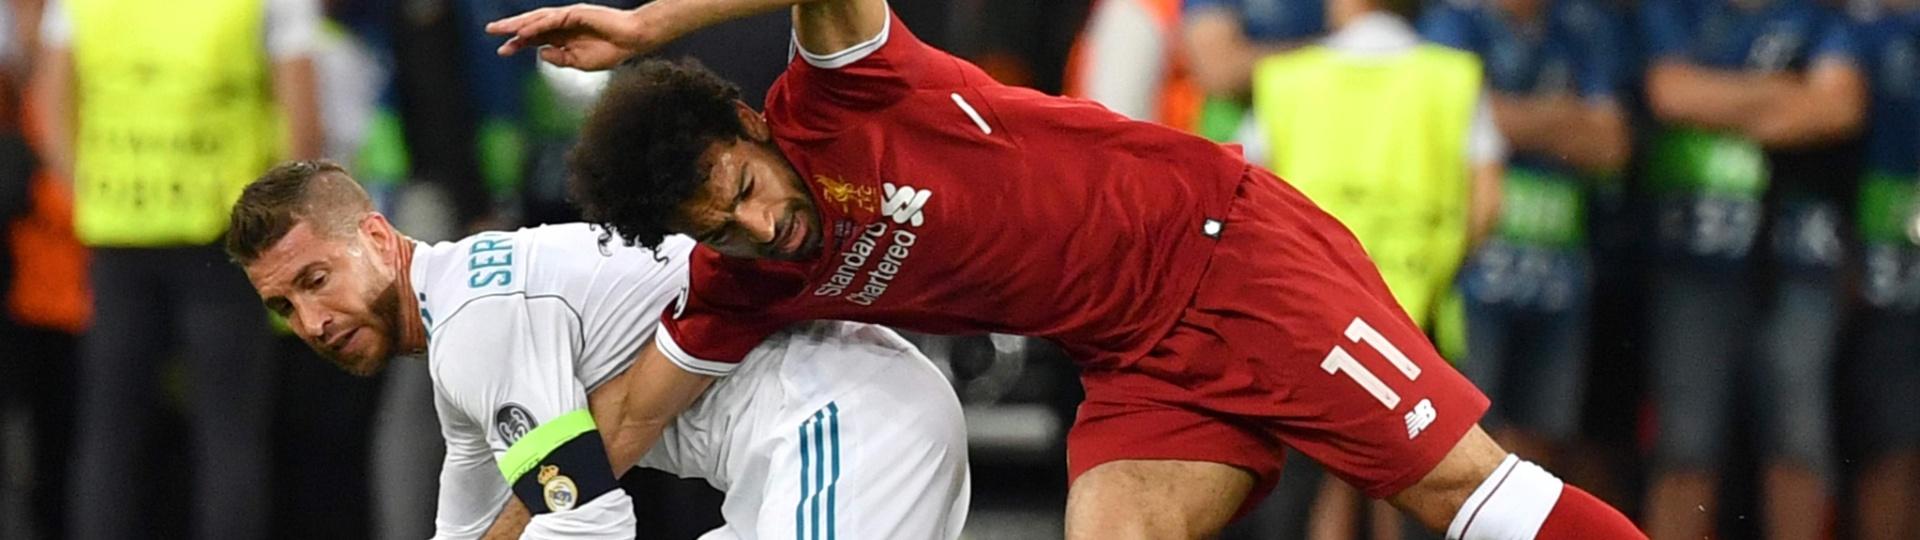 Mo Salah se enrosca com Sergio Ramos e cai em cima do braço direito durante final da Liga dos Campeões